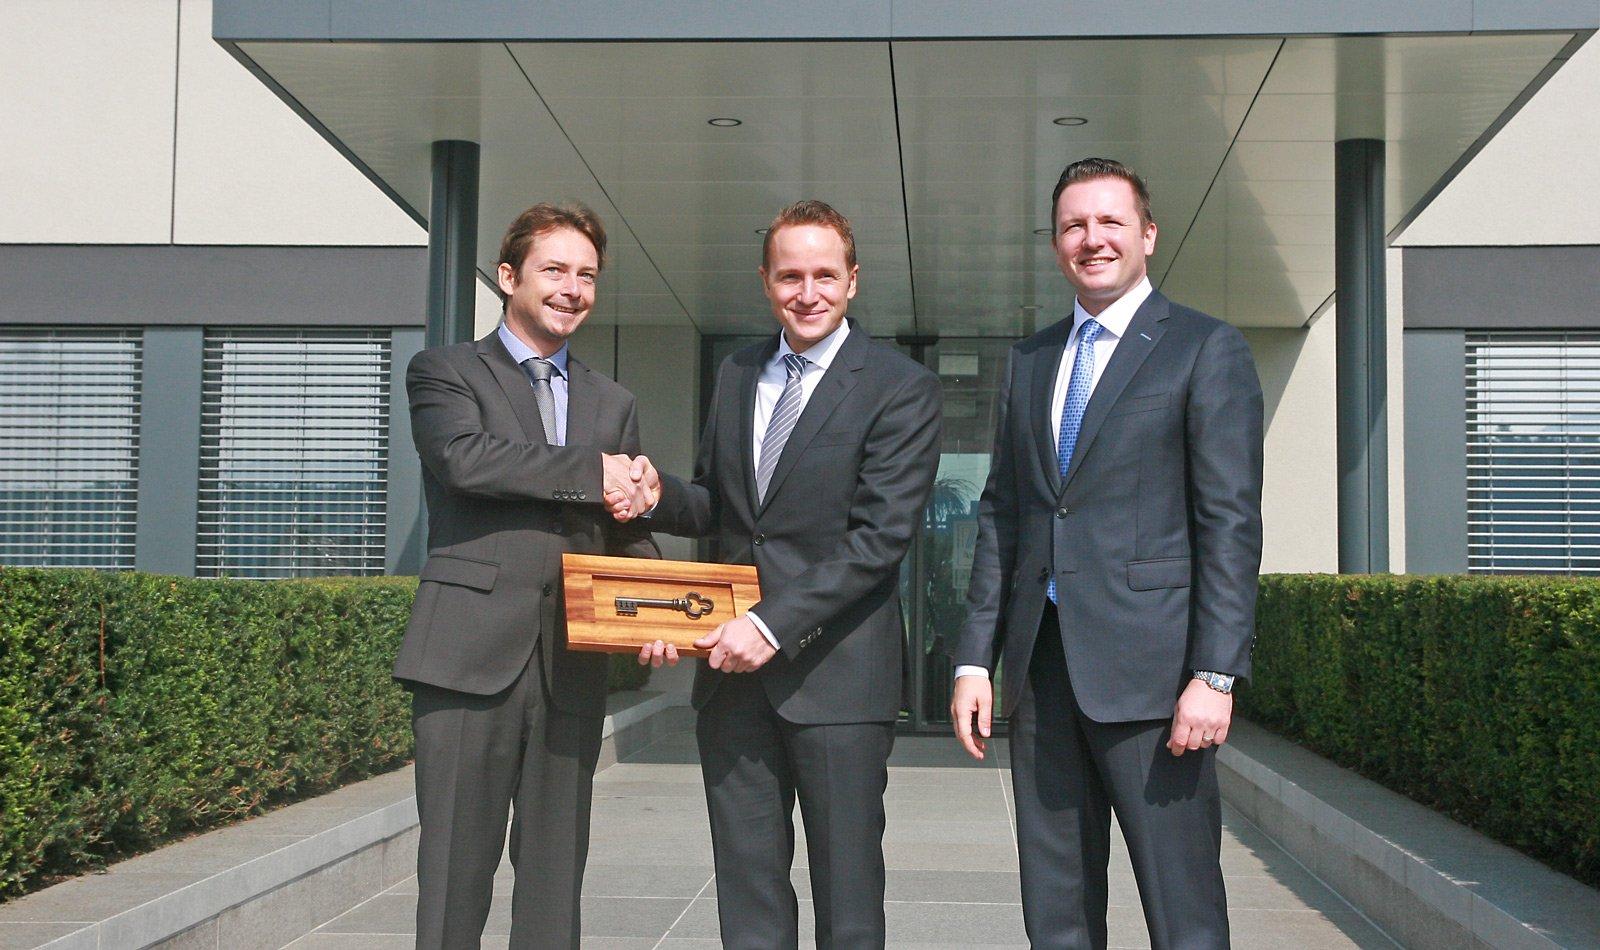 Schlüsselübergabe der neuen Zweigniederlassung. Albert Kompatscher vom Planungsbüro ATP, Timo Schuster und Robert Pontius von Aldi Suise